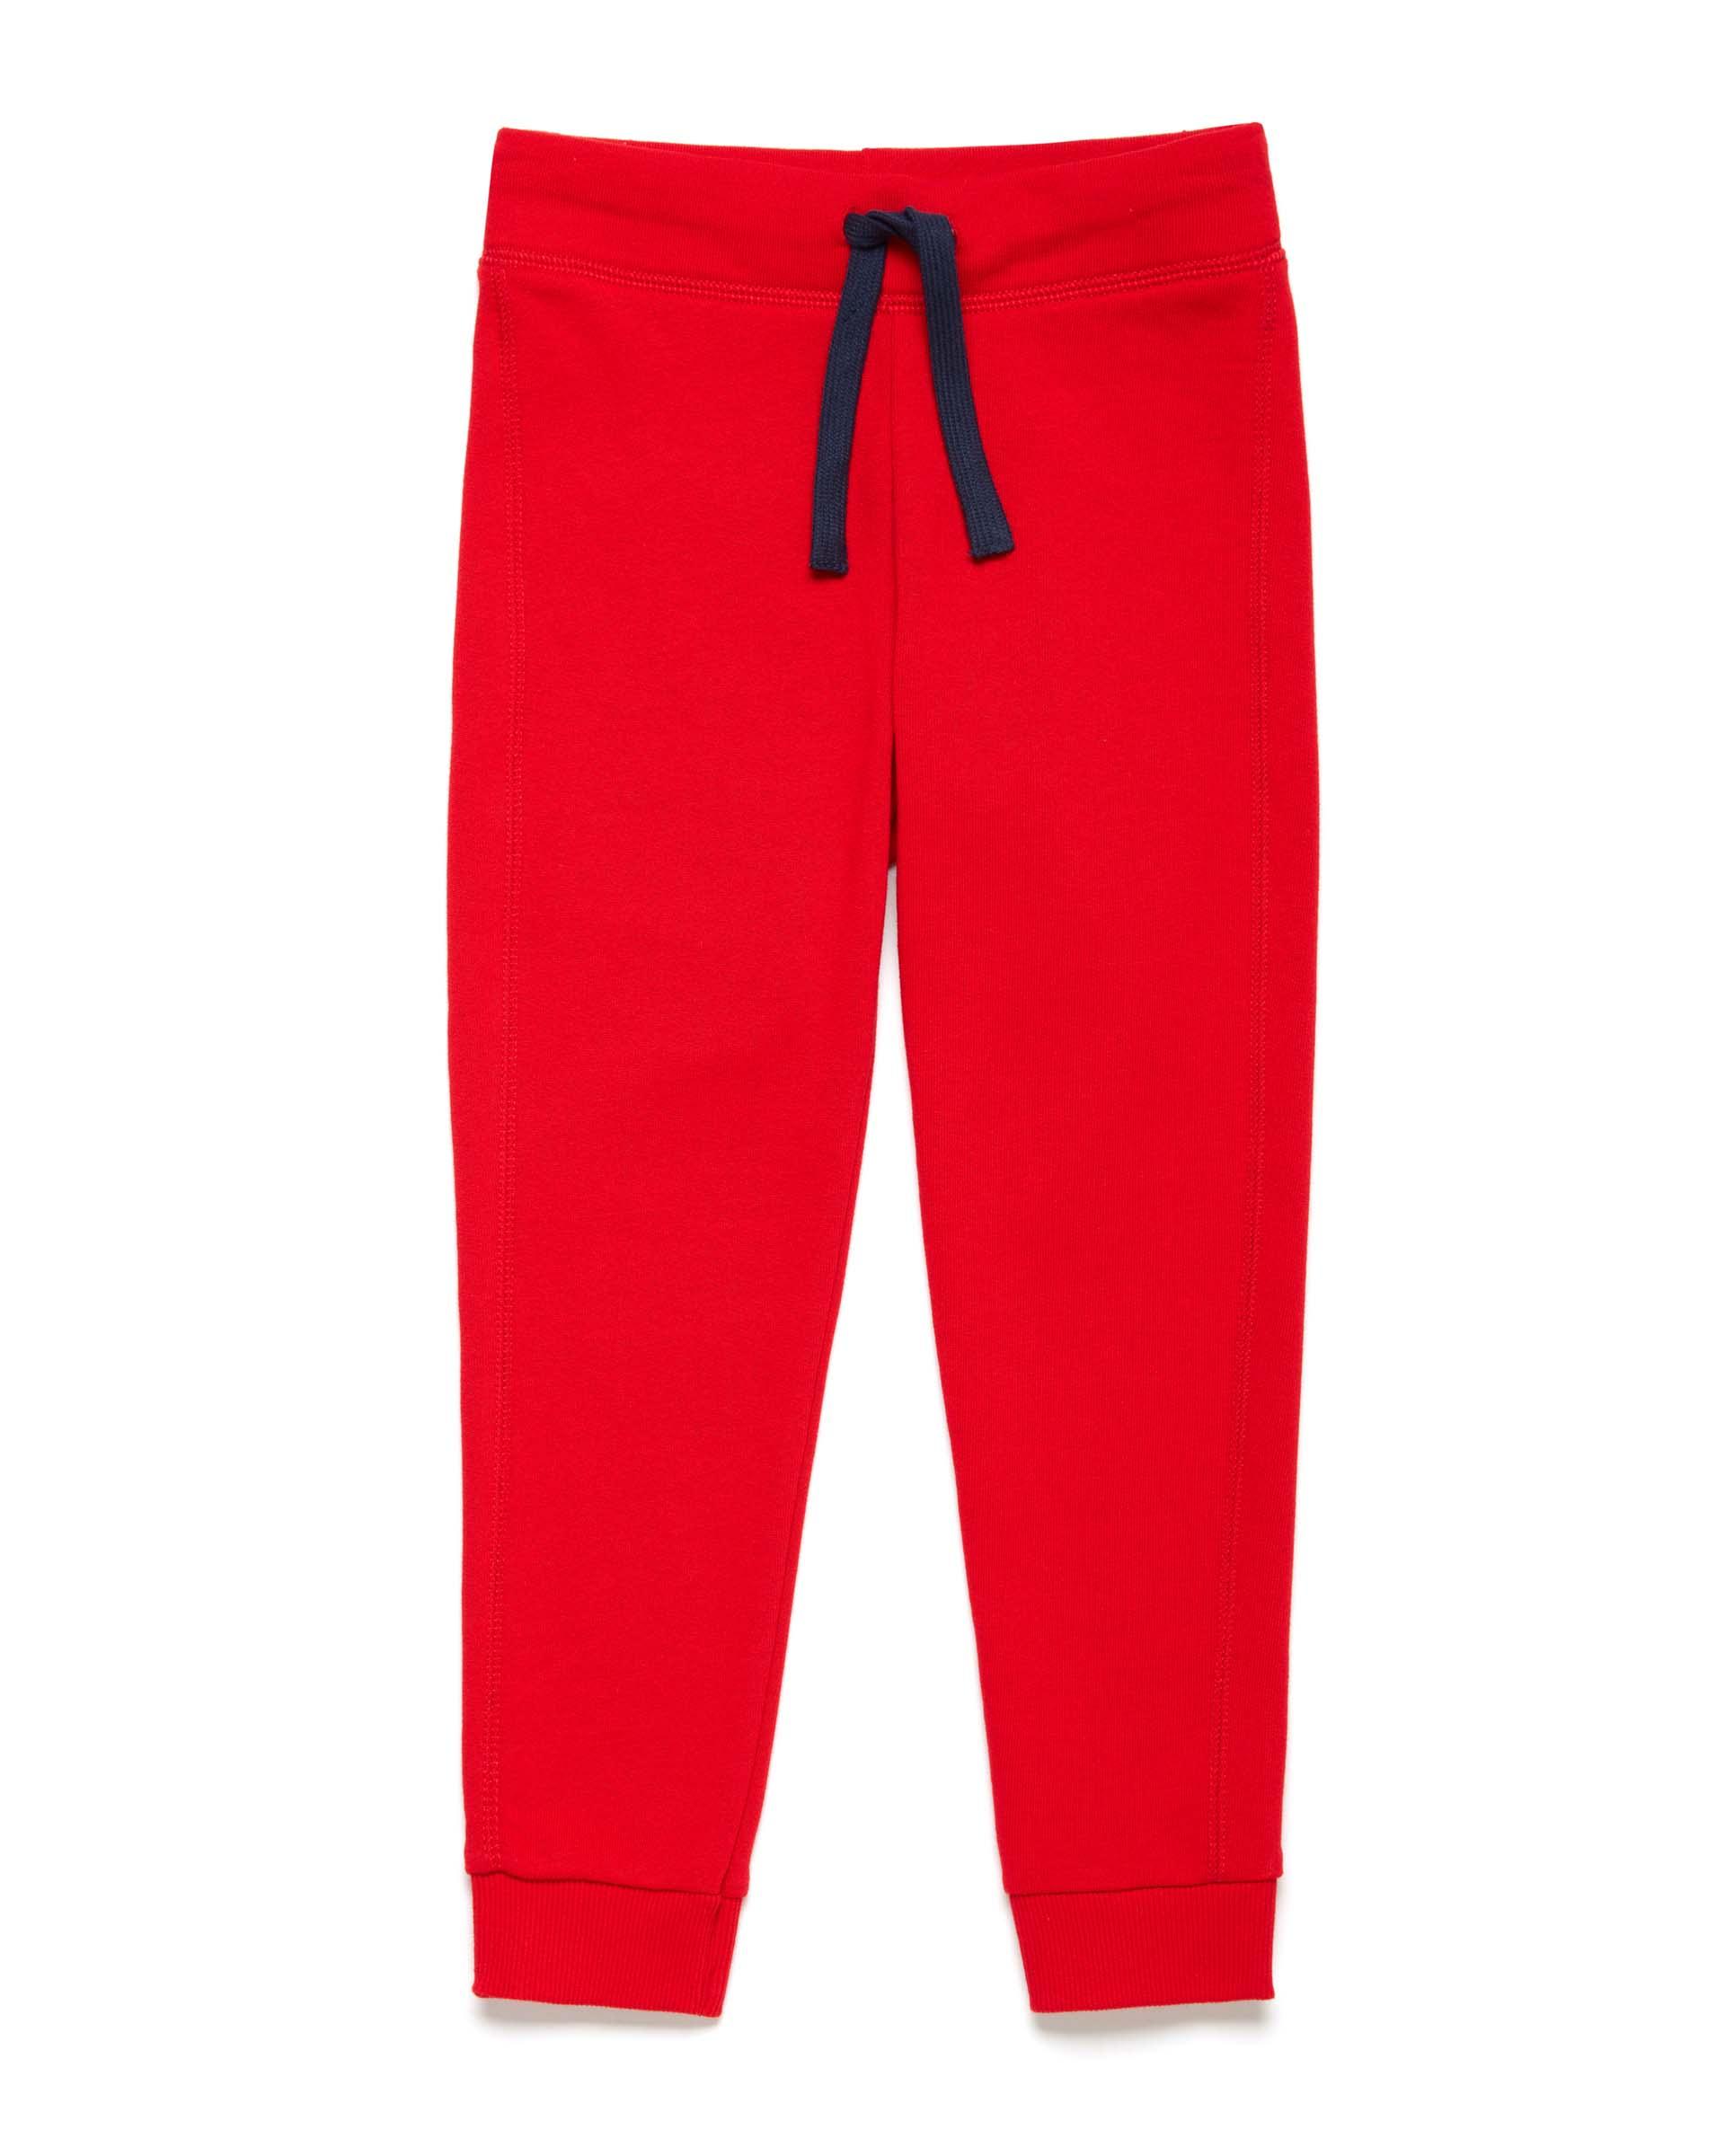 Купить CCC_3J68I0449_015, Спортивные брюки для мальчиков Benetton 3J68I0449_015 р-р 80, United Colors of Benetton, Шорты и брюки для новорожденных